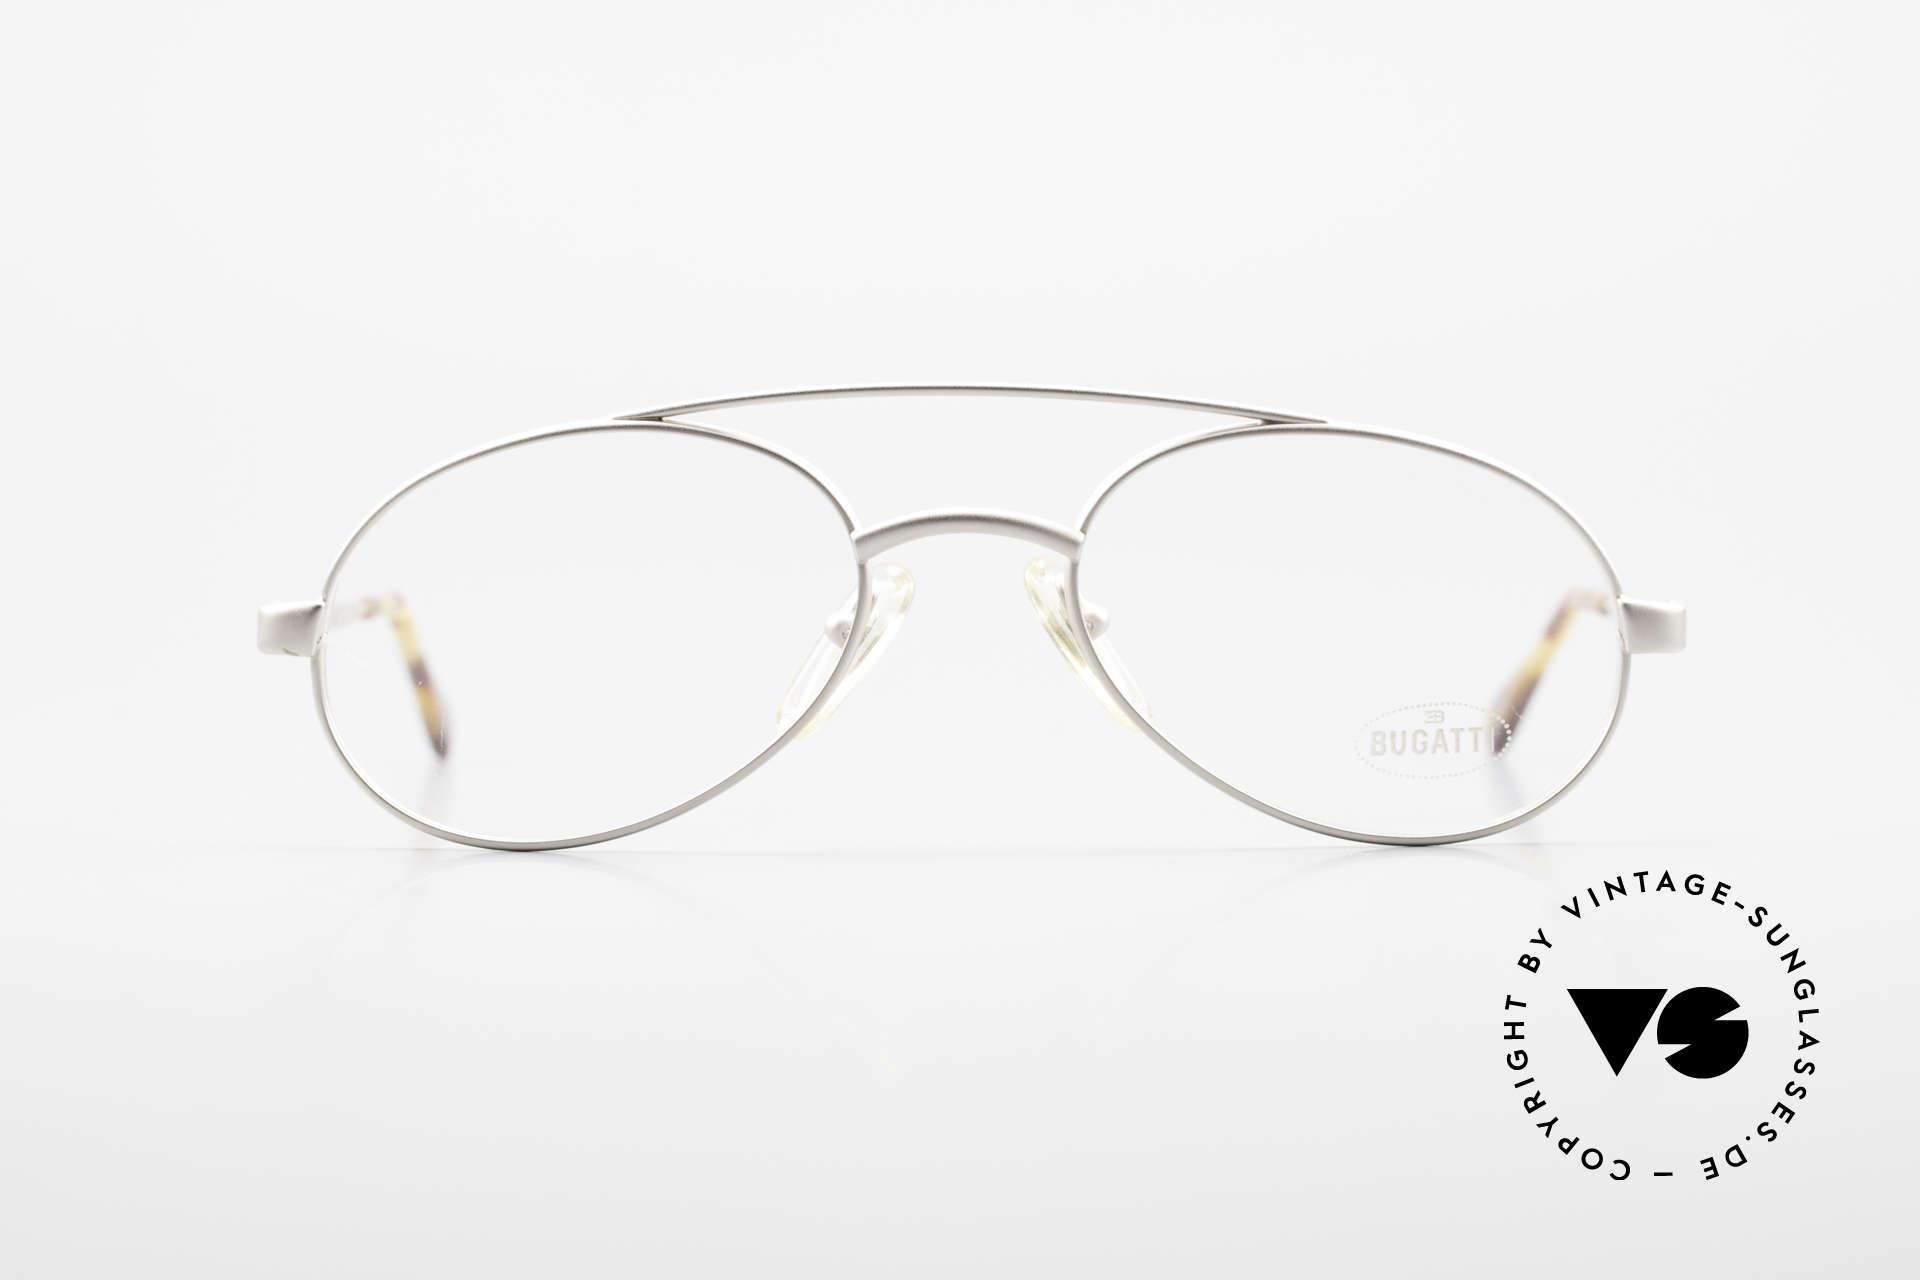 Bugatti 08105 Old Vintage Glasses 80's Men, characteristic men's design by Bugatti; tear drop, Made for Men